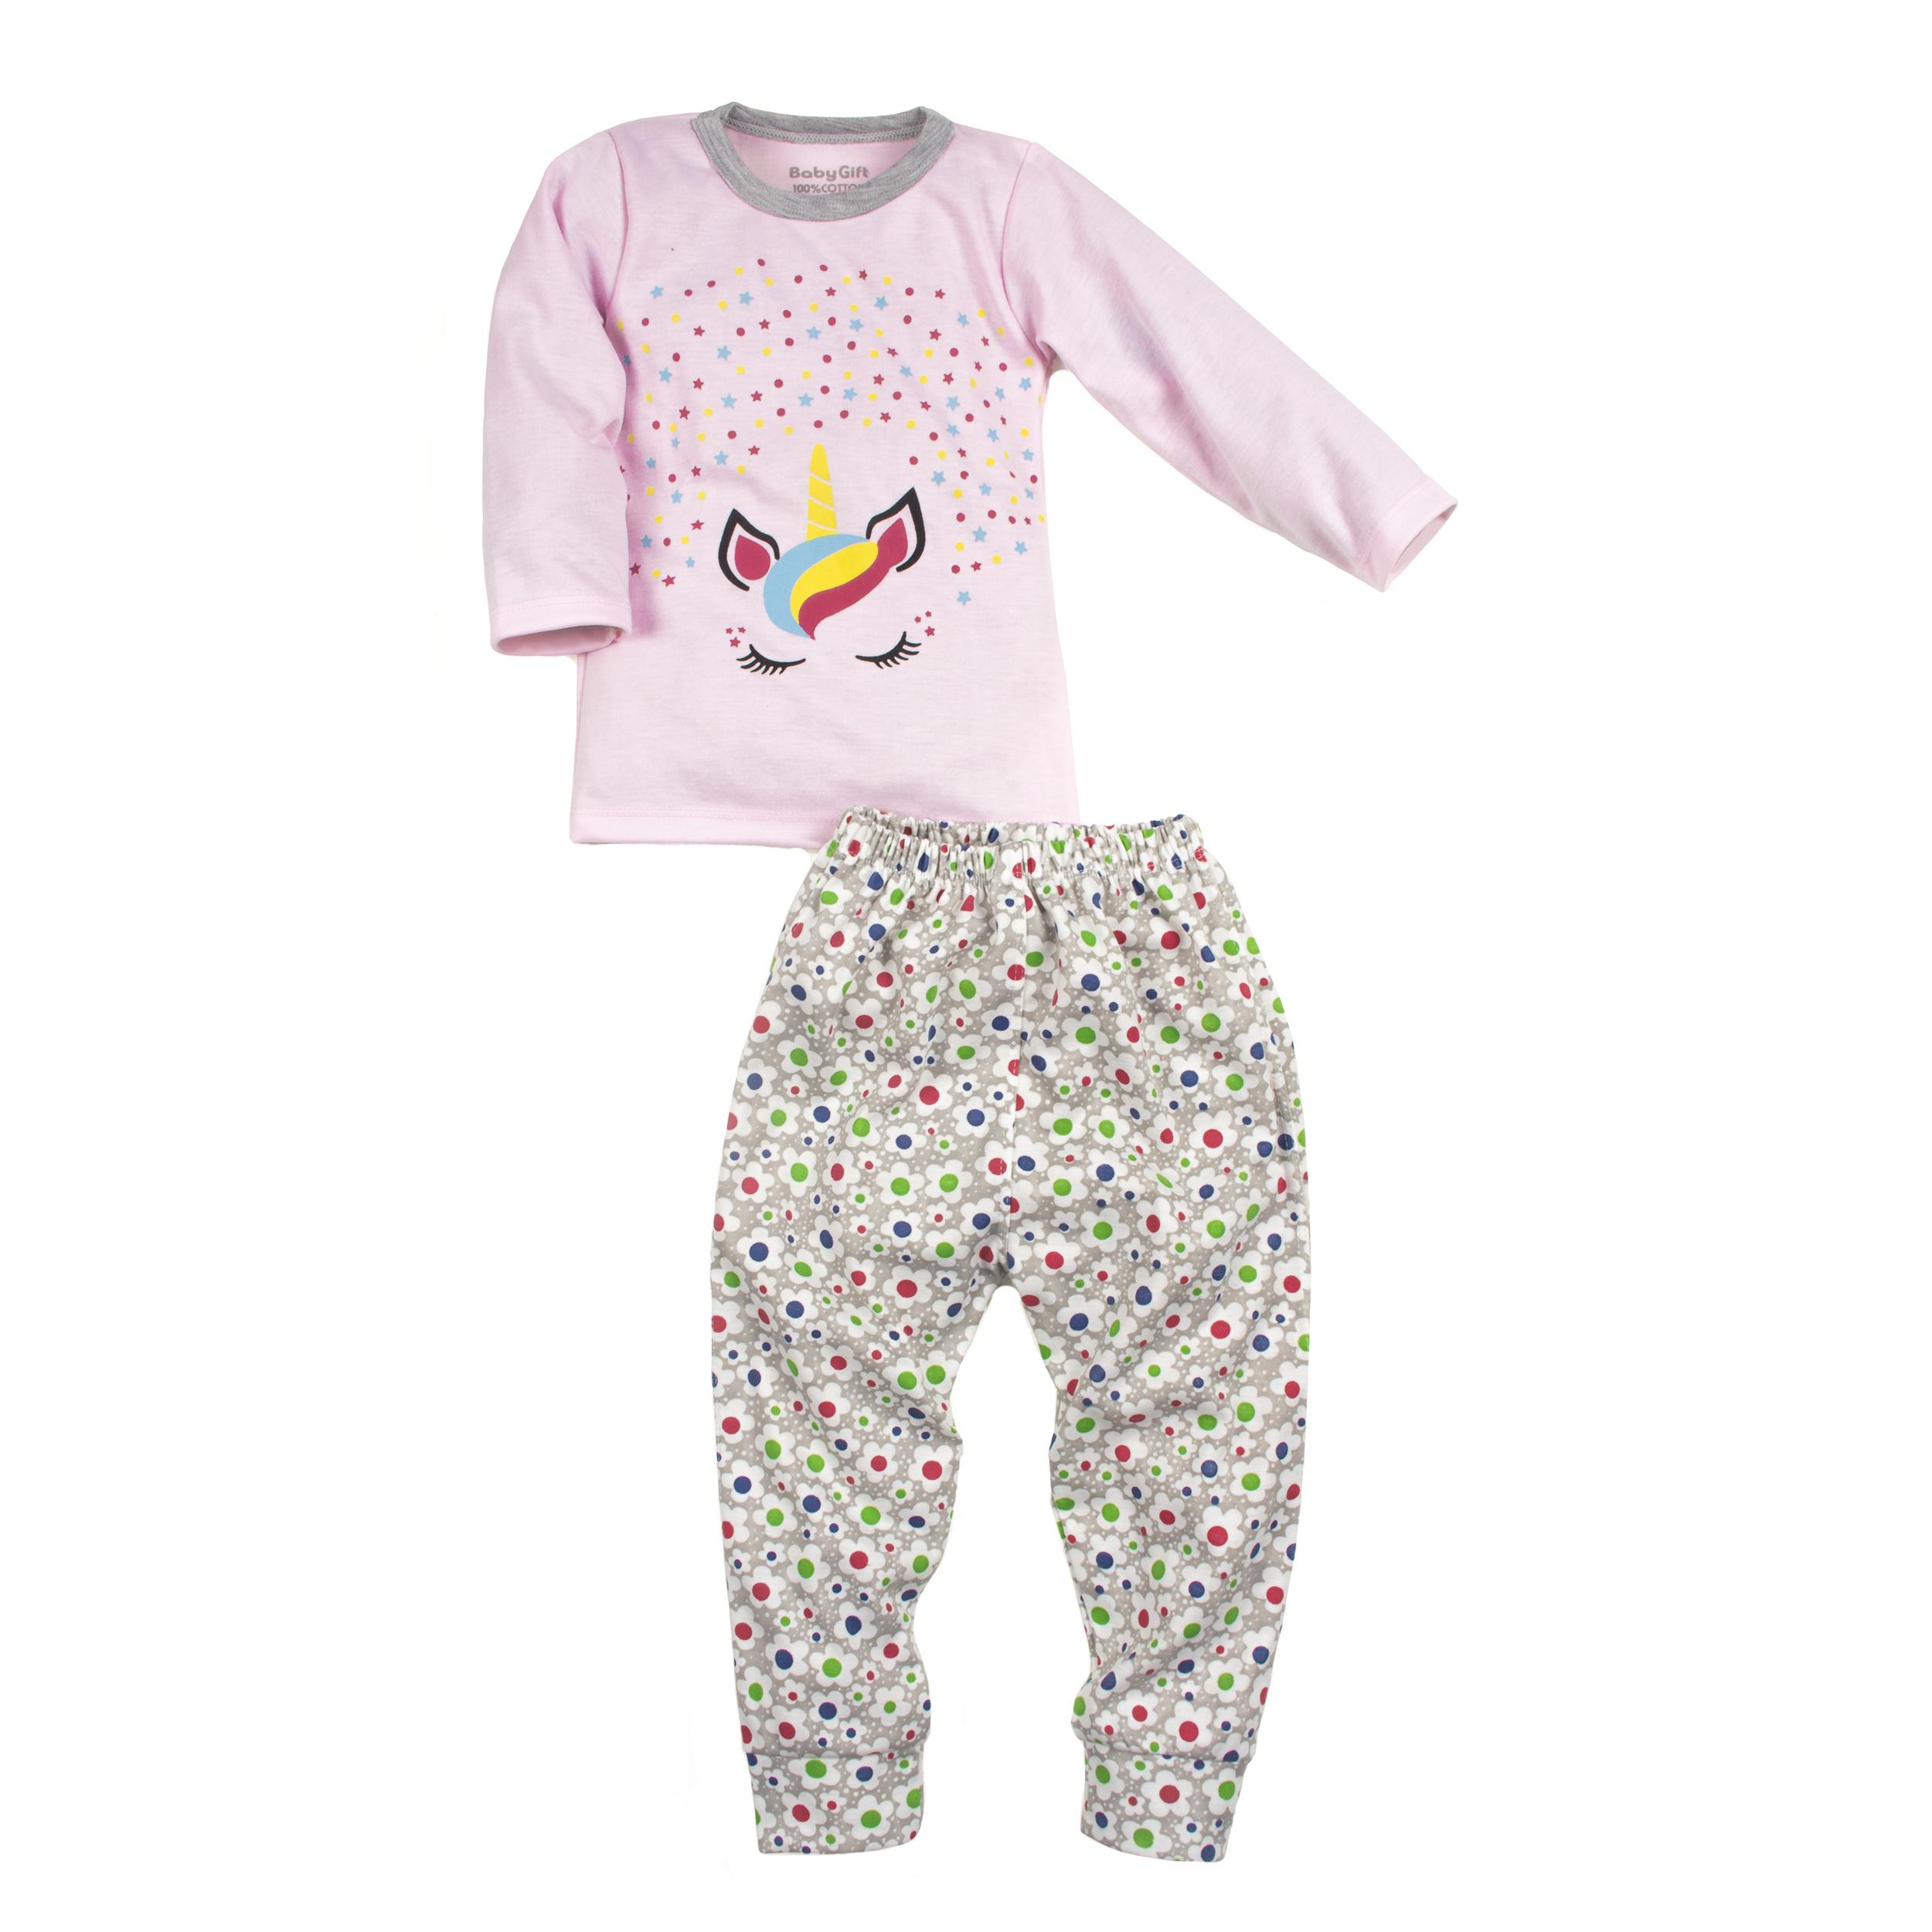 ست تی شرت و شلوار نوزادی دخترانه مدل تک شاخ کد 55